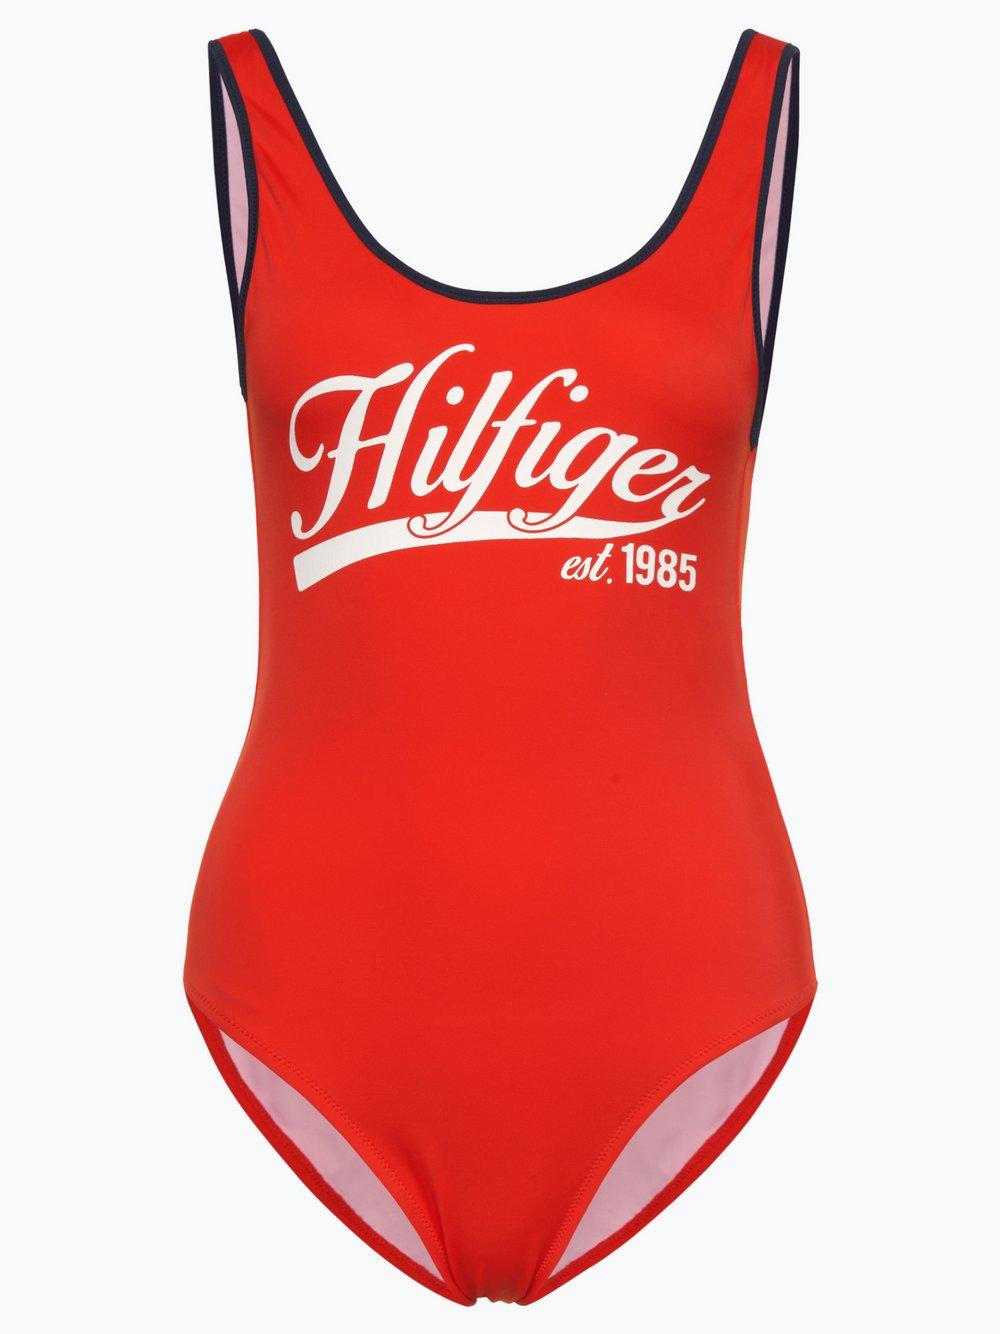 0a2300db0e9ac Tommy Hilfiger Damski strój kąpielowy – Haidee kup online | VANGRAAF.COM